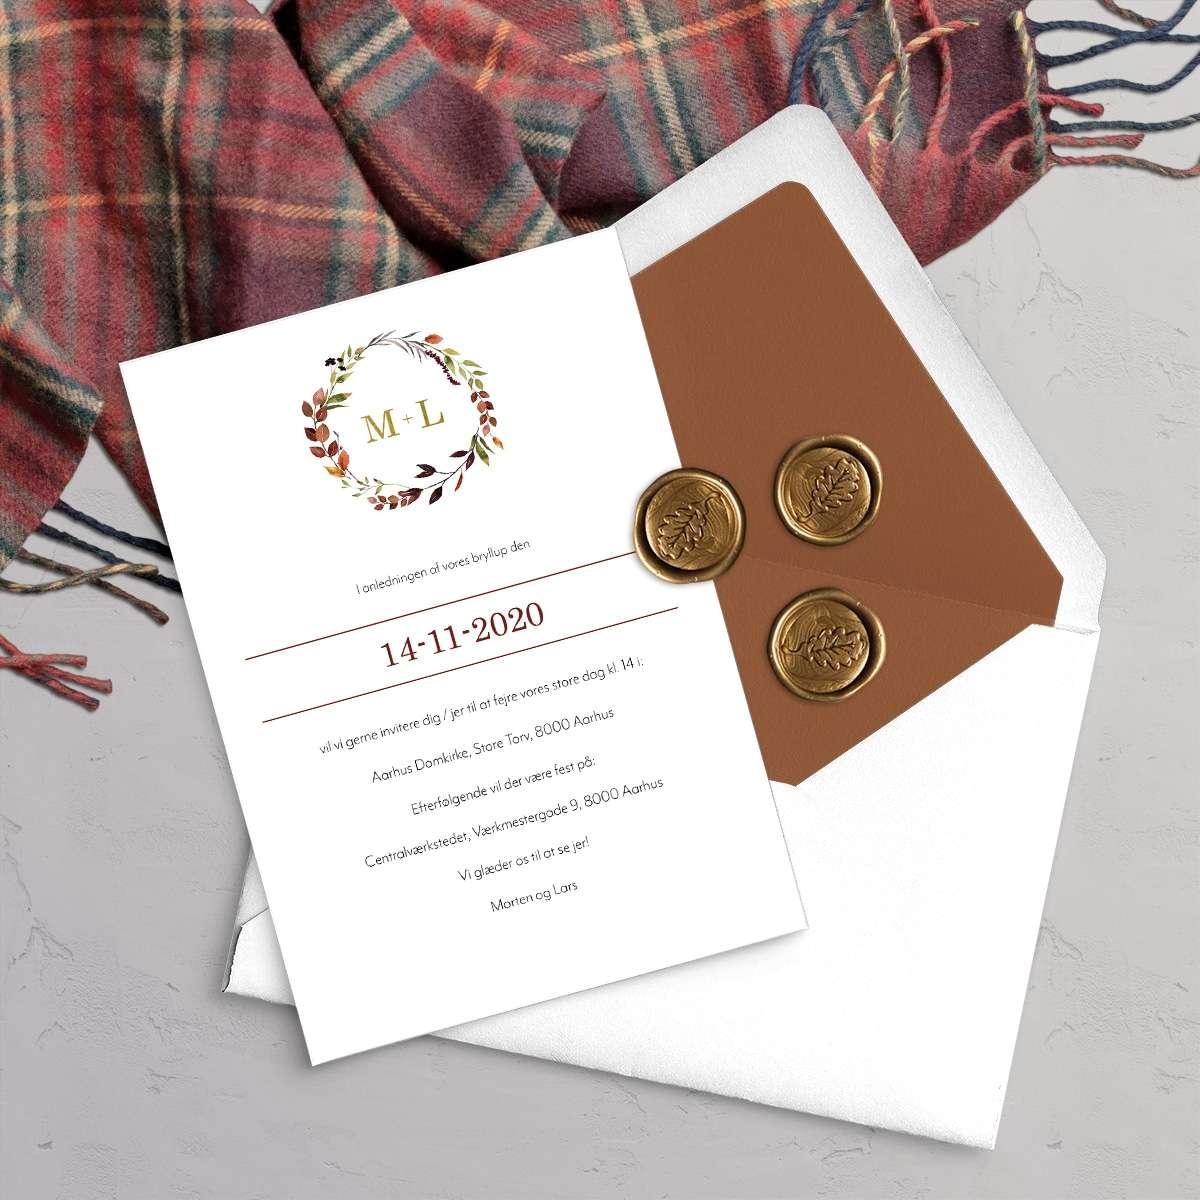 Designlinjen Autumn Wreath. Fås med guld folie eller trykt på akvarelpapir. Et smukt design til at efterårsbryllup med krans i efterårsfarver.